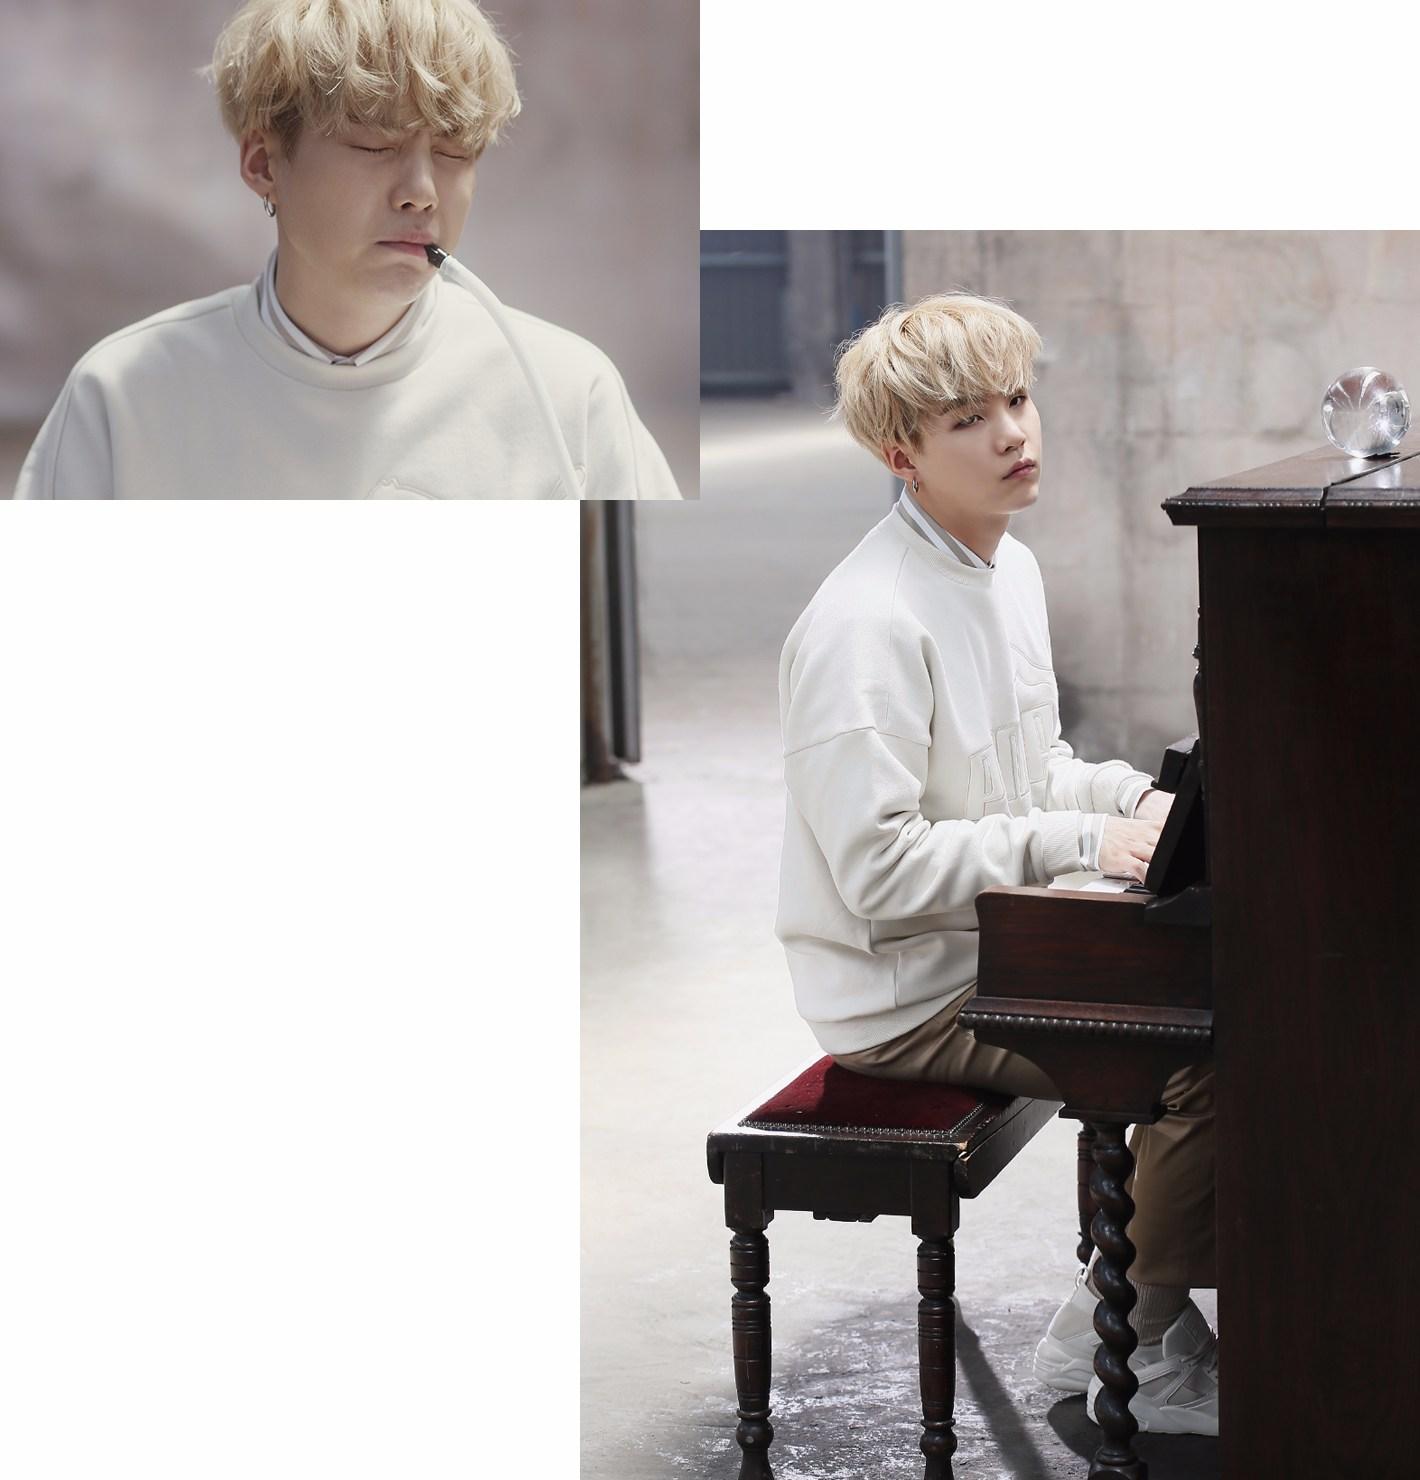 影片一開始SUGA以吹口風琴的樣子可愛的出場>///<